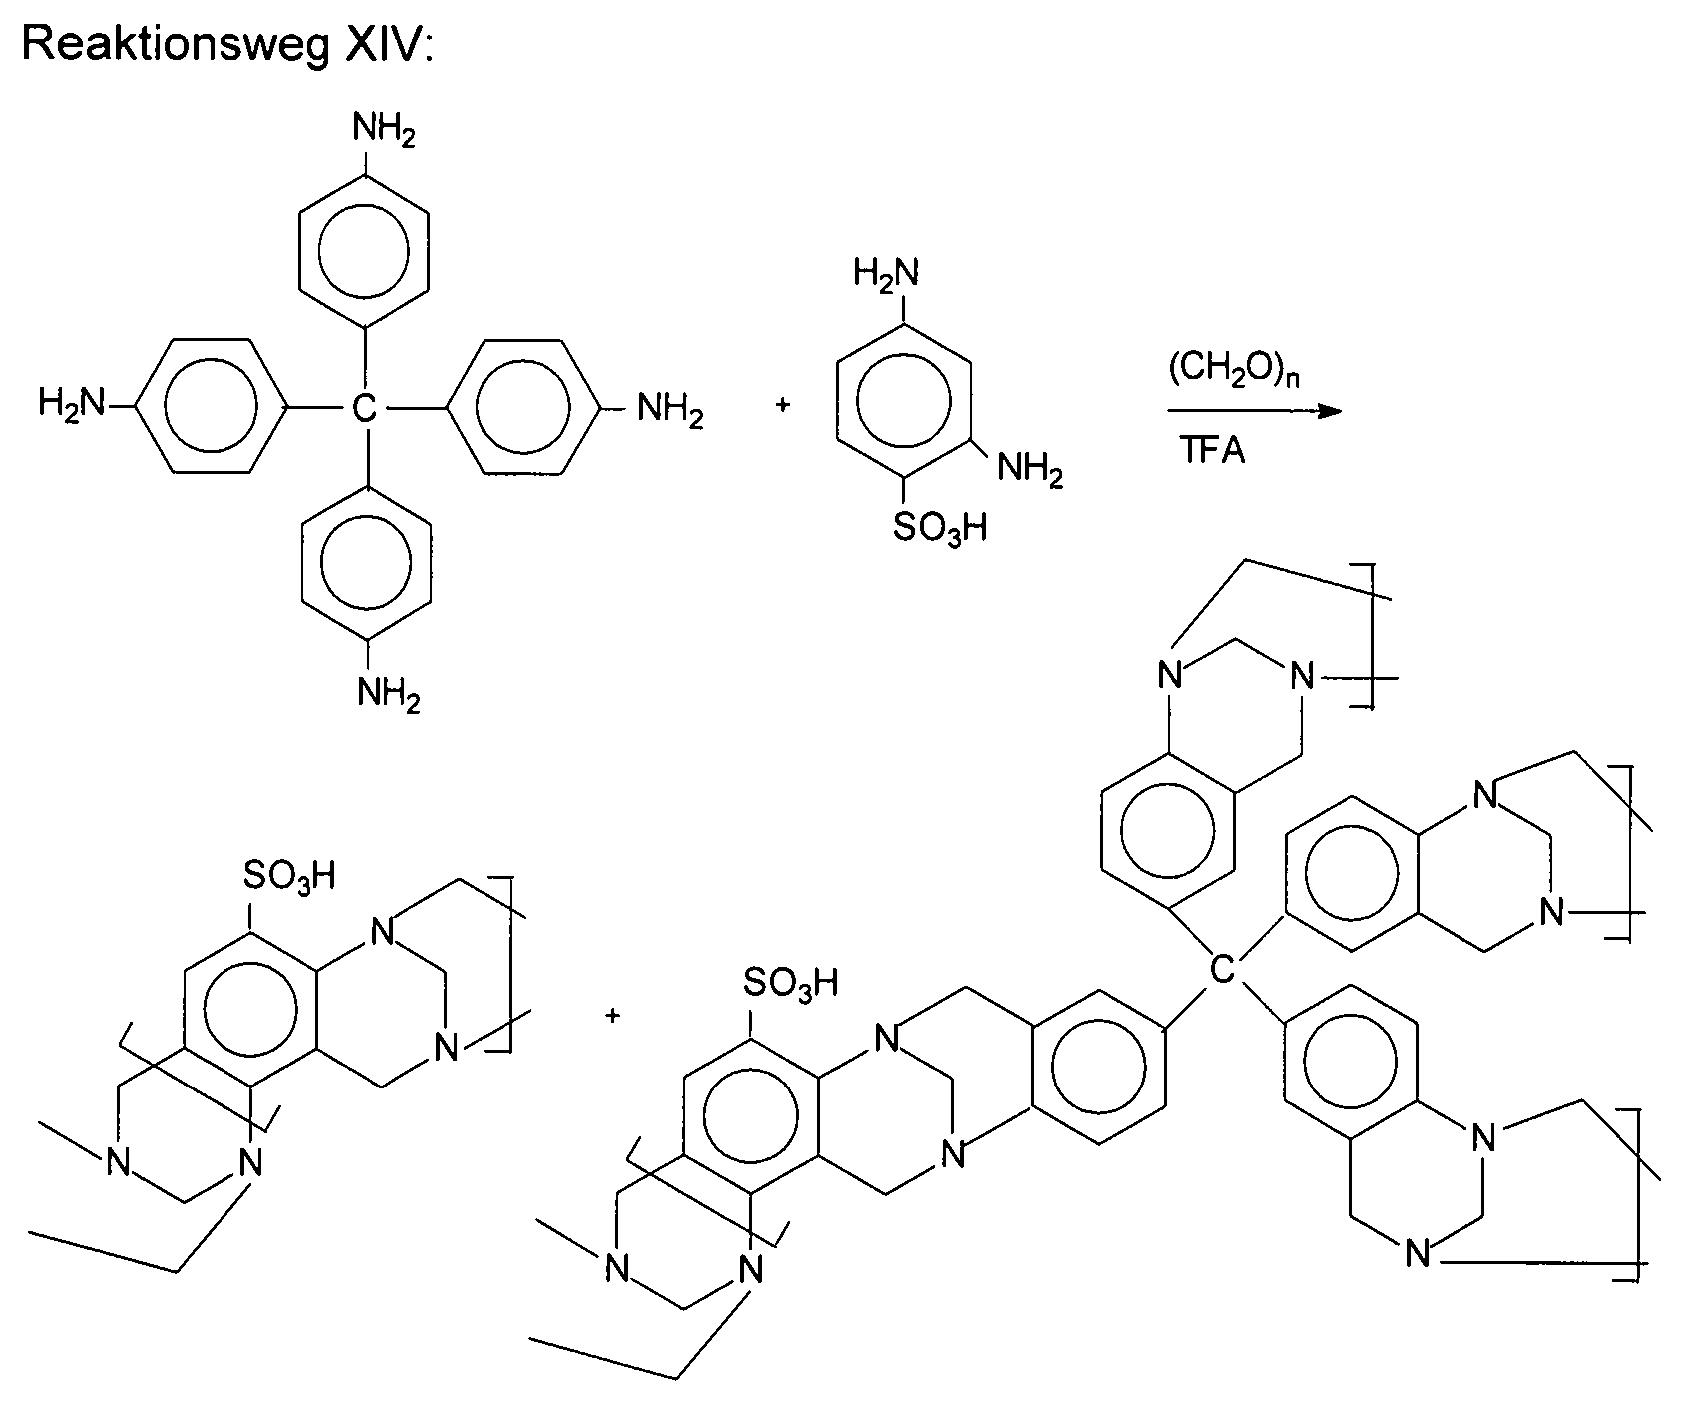 Figure DE112016005378T5_0034